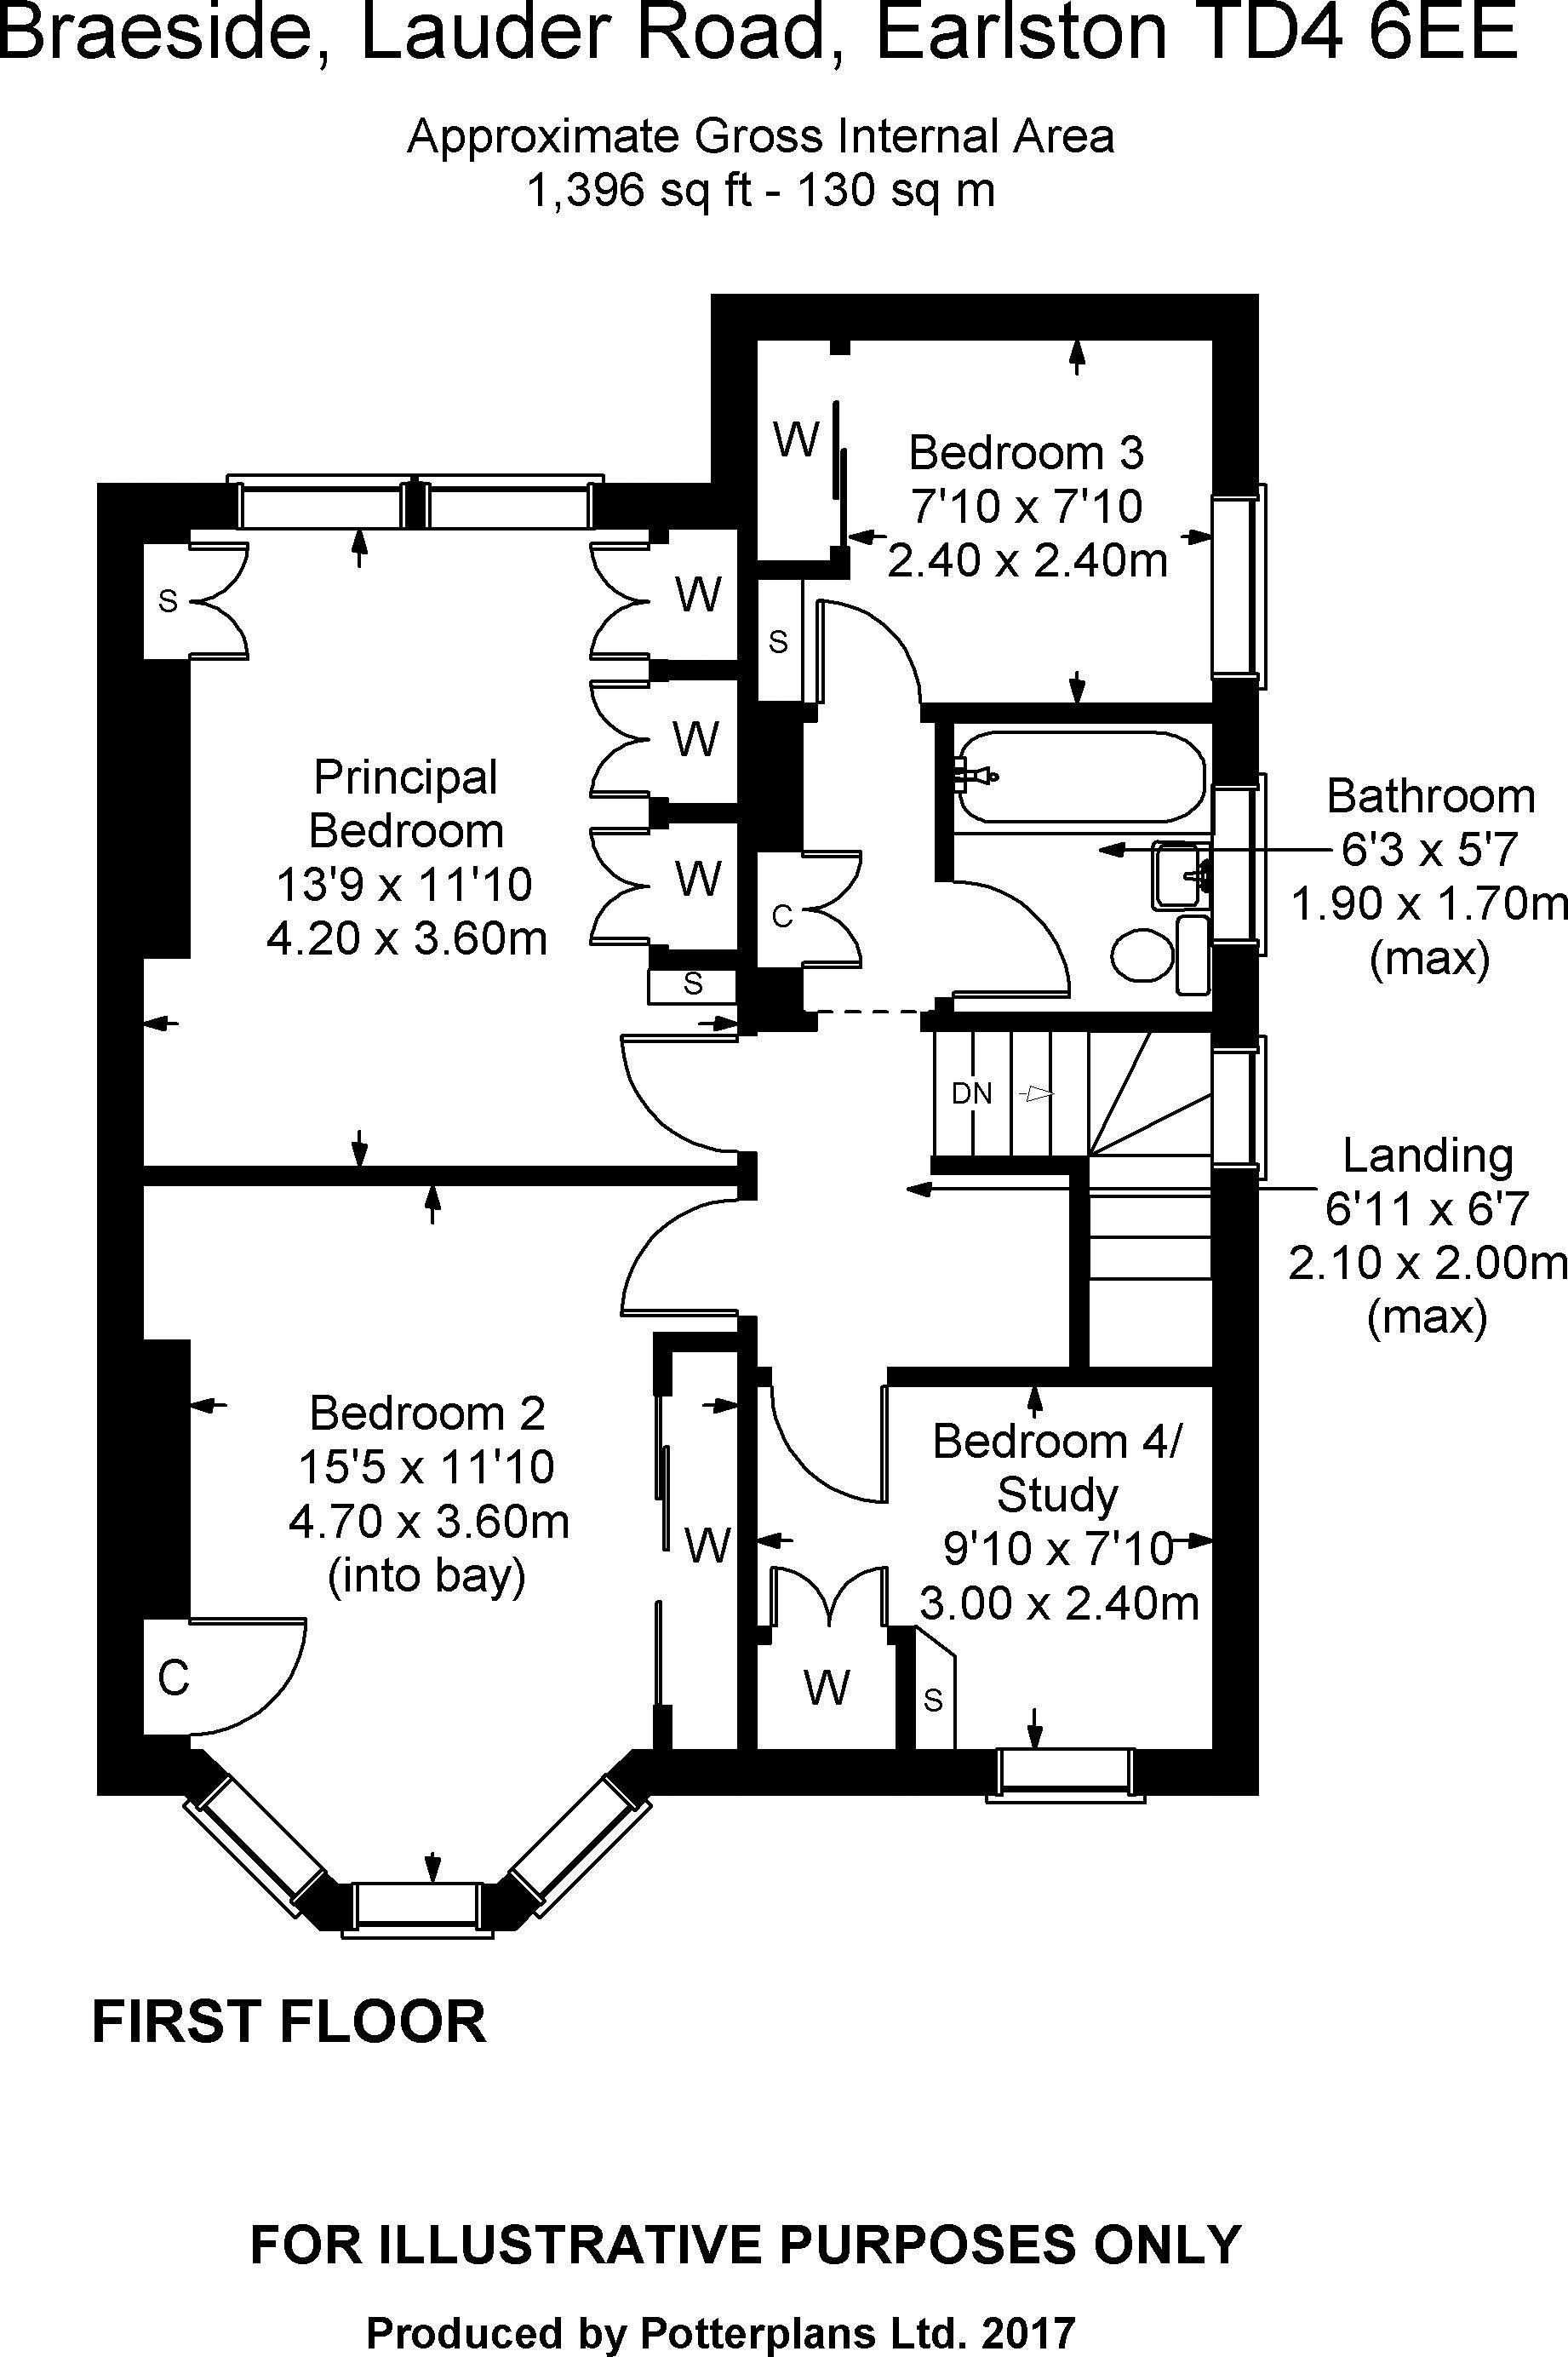 Braeside First Floor